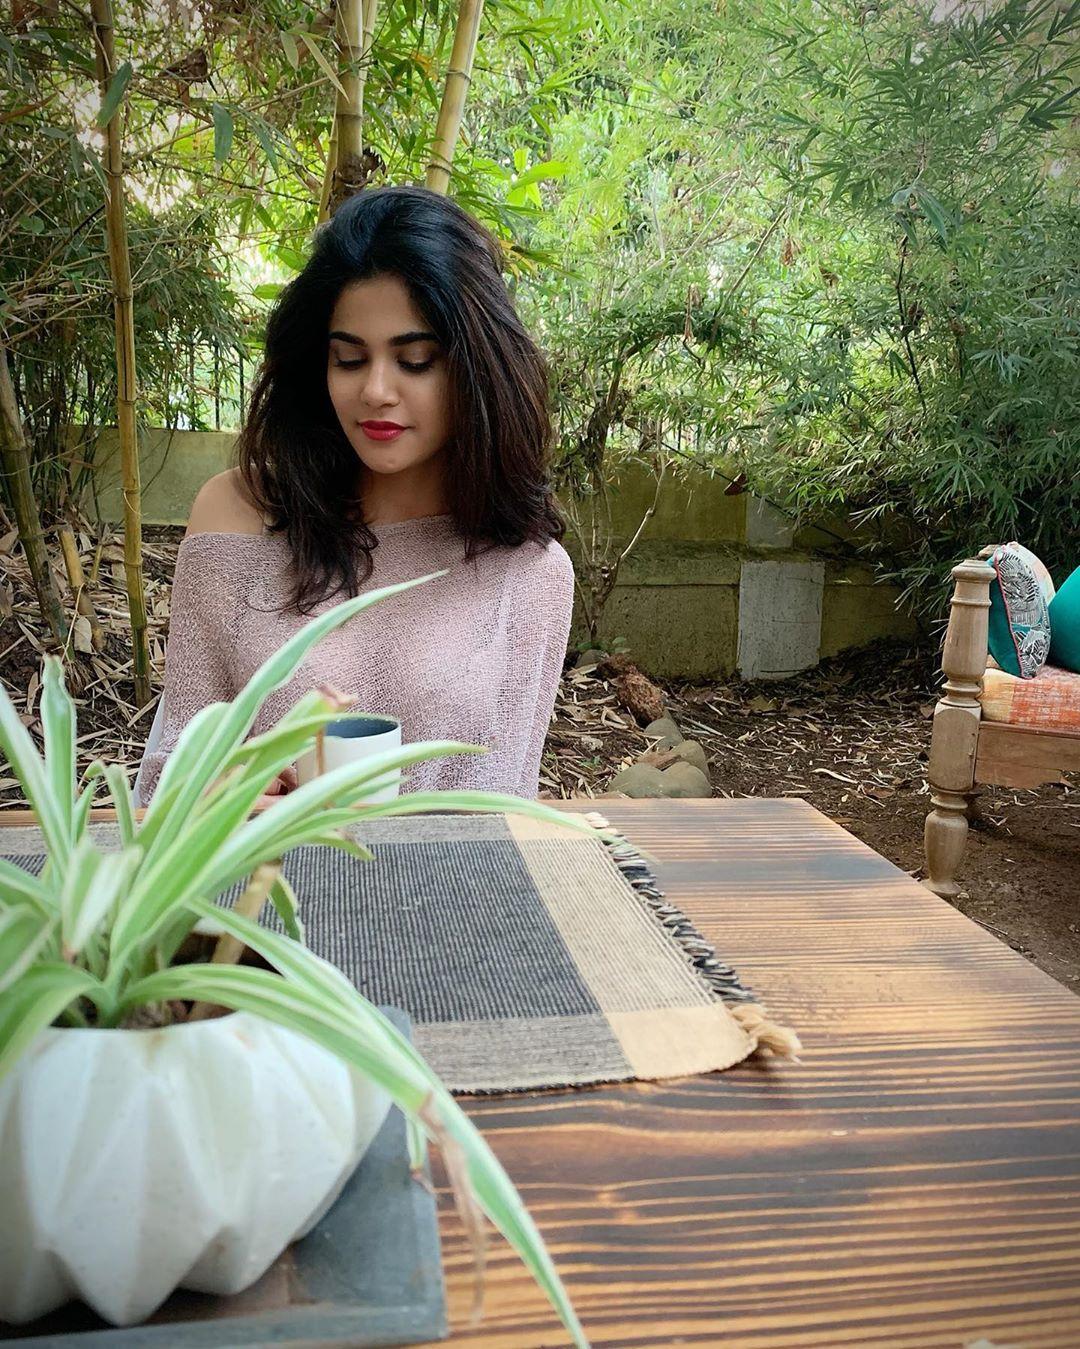 Love Sex Aur Dhokha' से डेब्यू करने वाली इस एक्ट्रेस की अदाएं रोक सकती हैं  सांसें, अपने रिस्क पर देखिए! - Aaditi pohankar hot photos love sex aur  dhokha fame aaditi pohankar